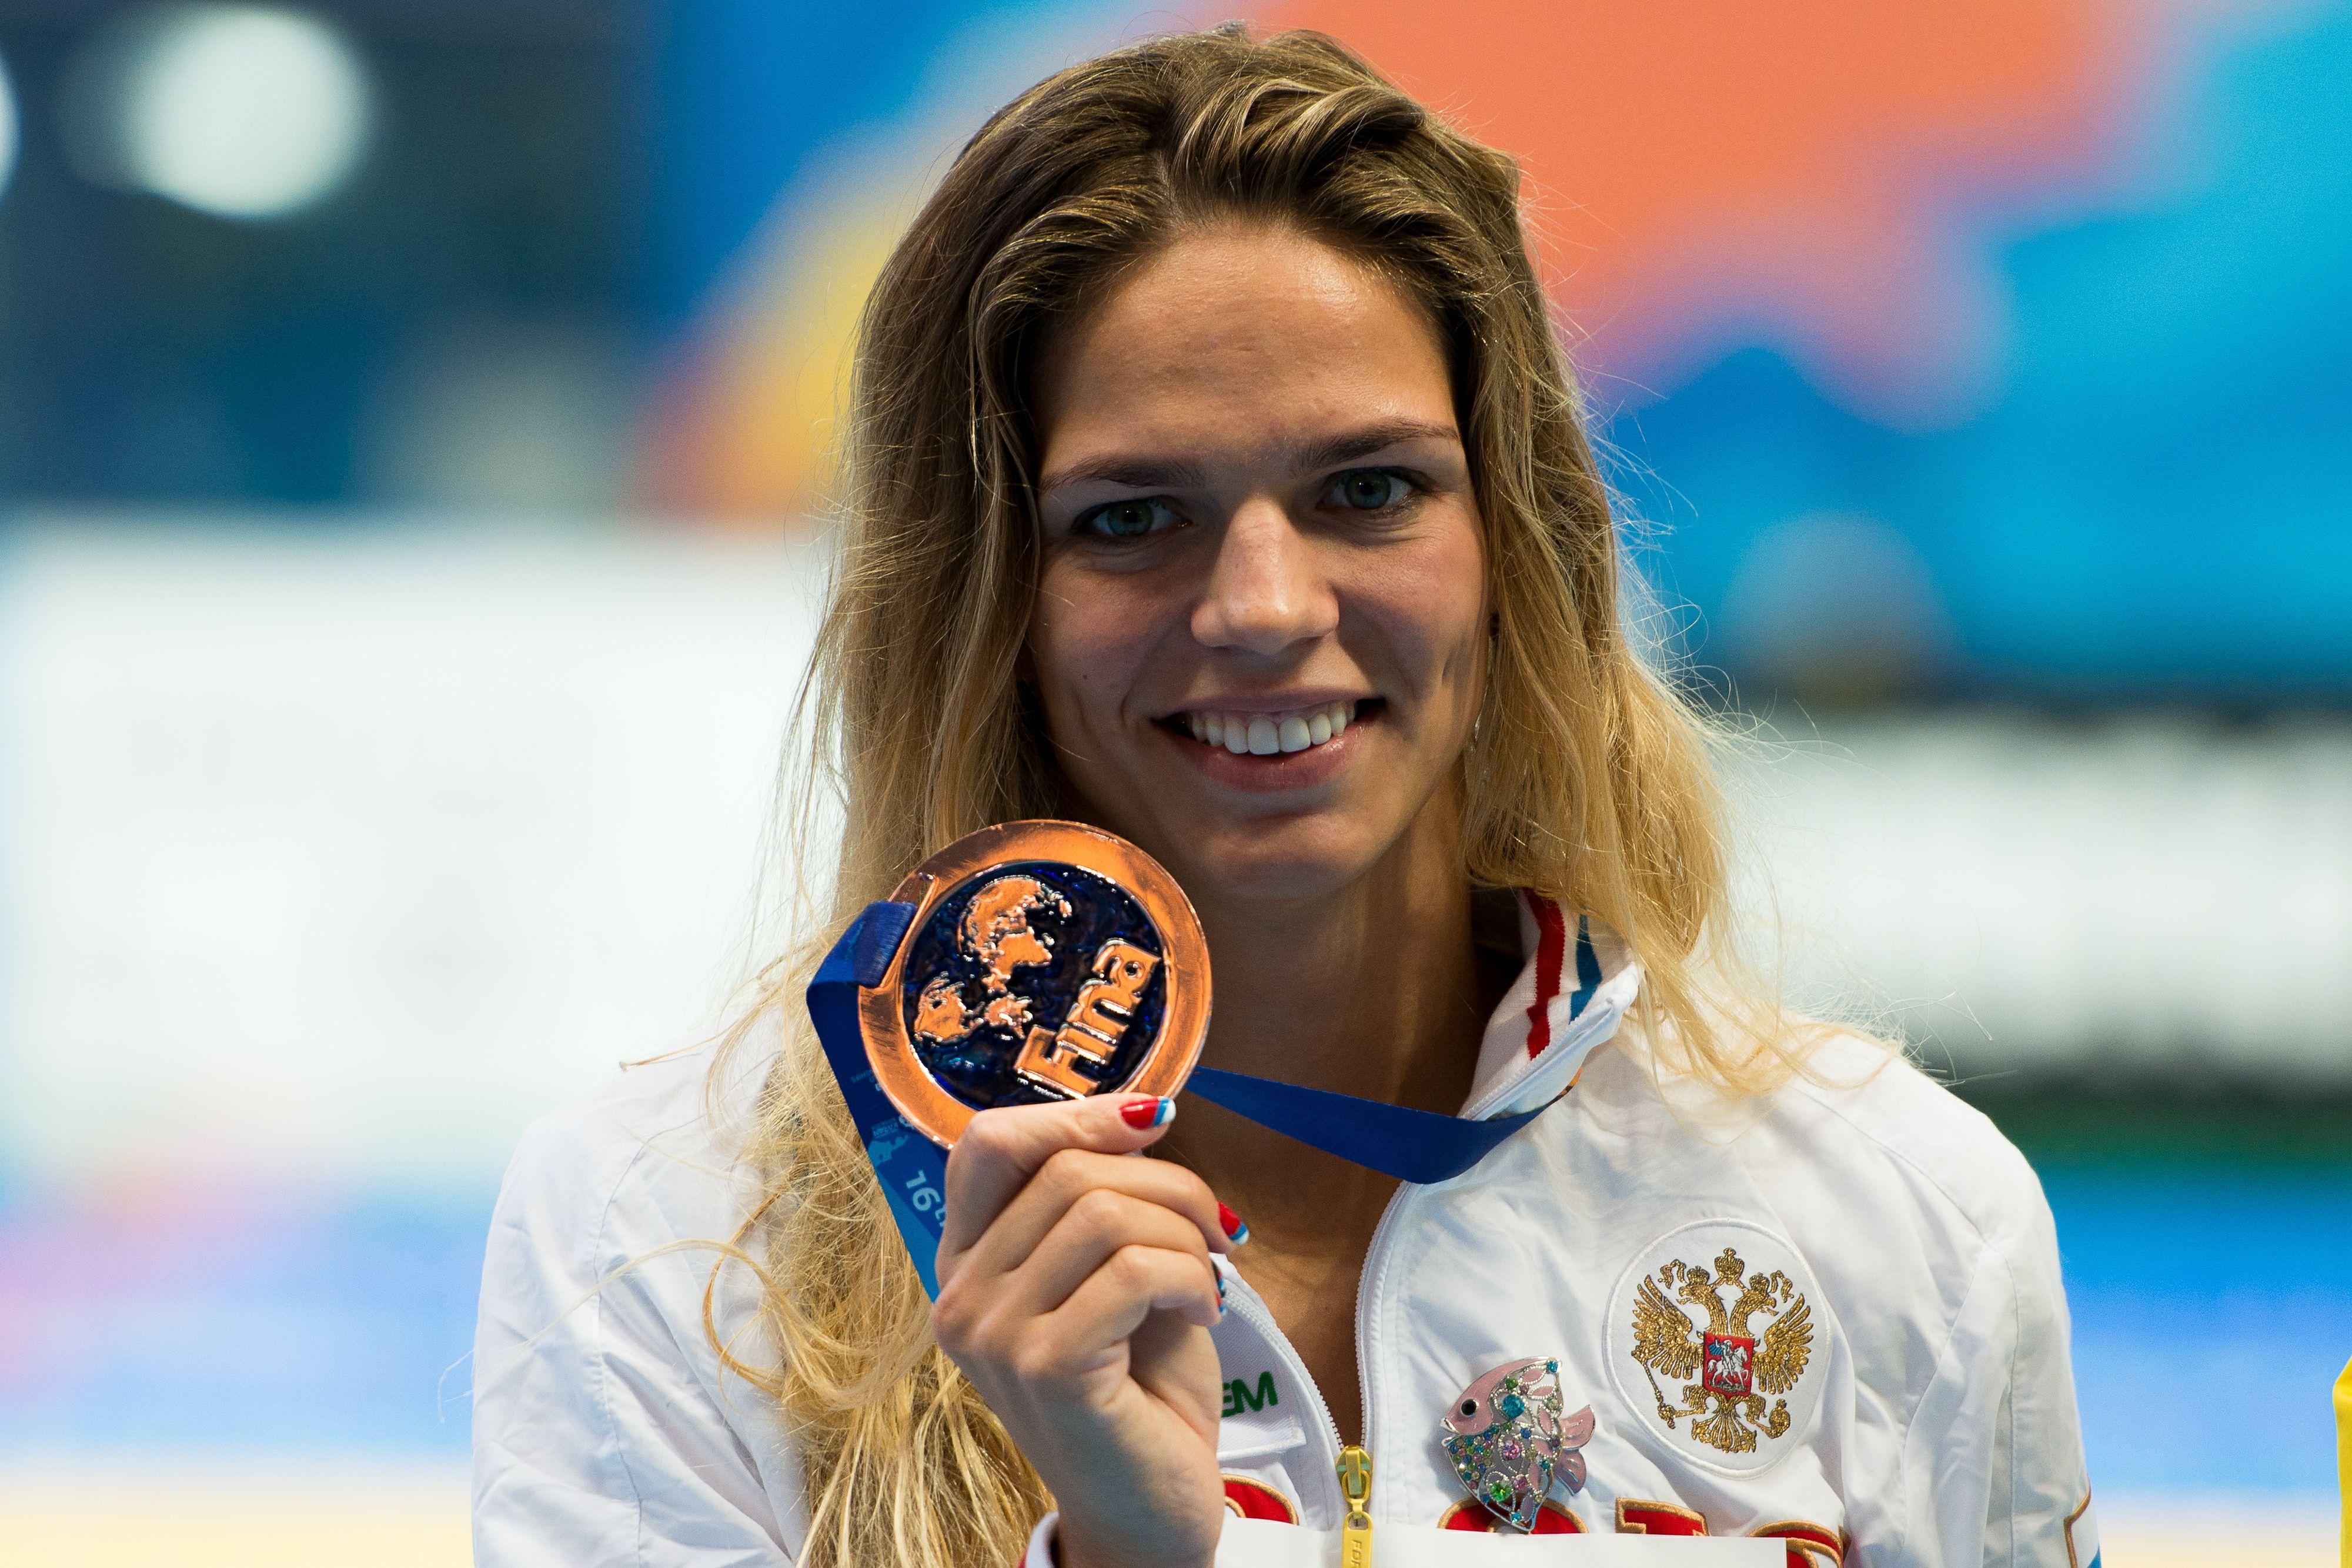 Пловчиха Ефимова поделилась снимками со своего дня рождения. ФОТО